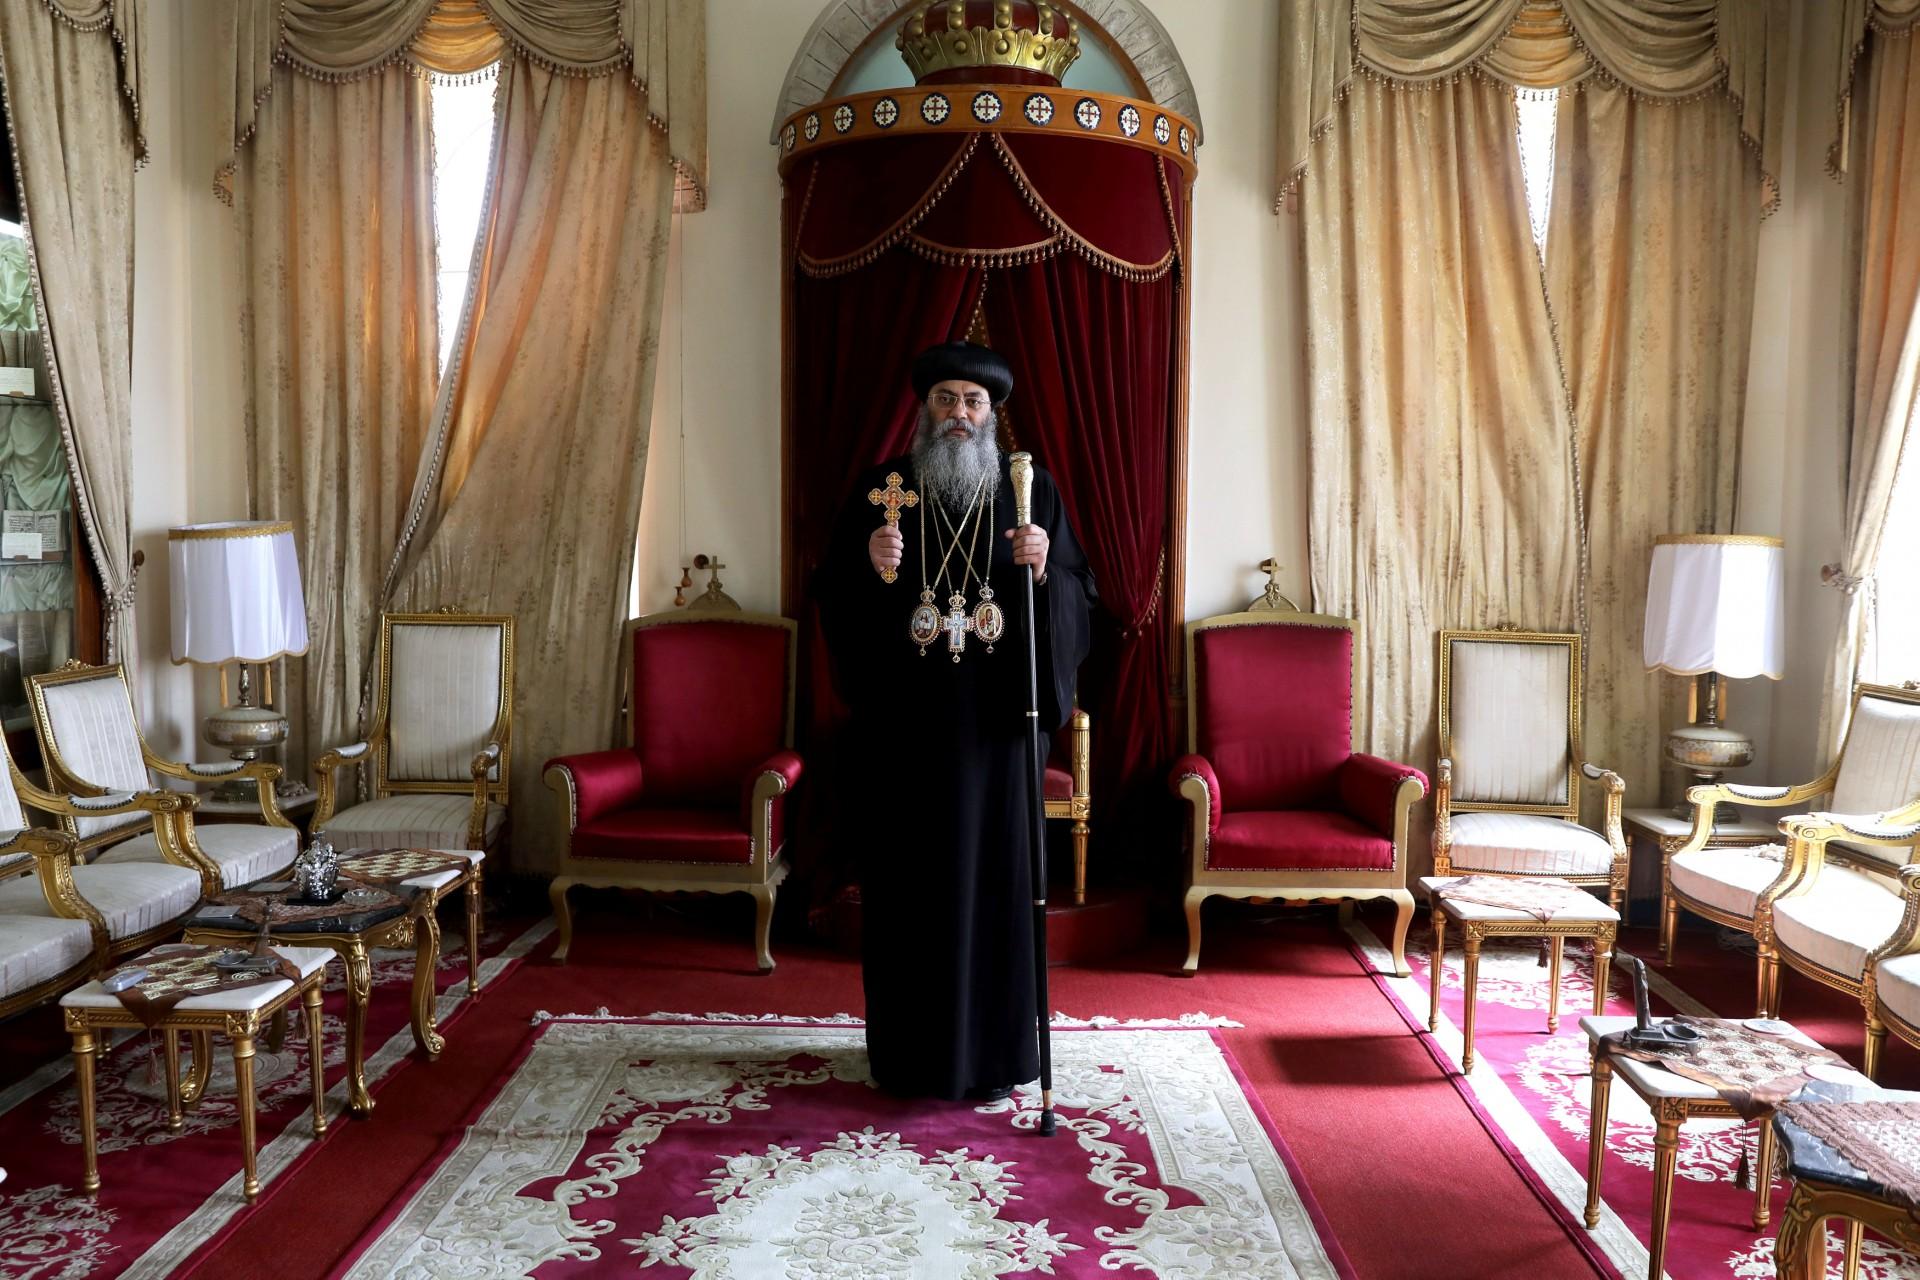 Su Eminencia el Arzobispo Dr. Anba Antonius, Copto Ortodoxo Metropolitano de Jerusalén y el Cercano Oriente, posa para una fotografía en el Patriarcado Ortodoxo Copto en la Ciudad Vieja de Jerusalén, 15 de marzo de 2018.